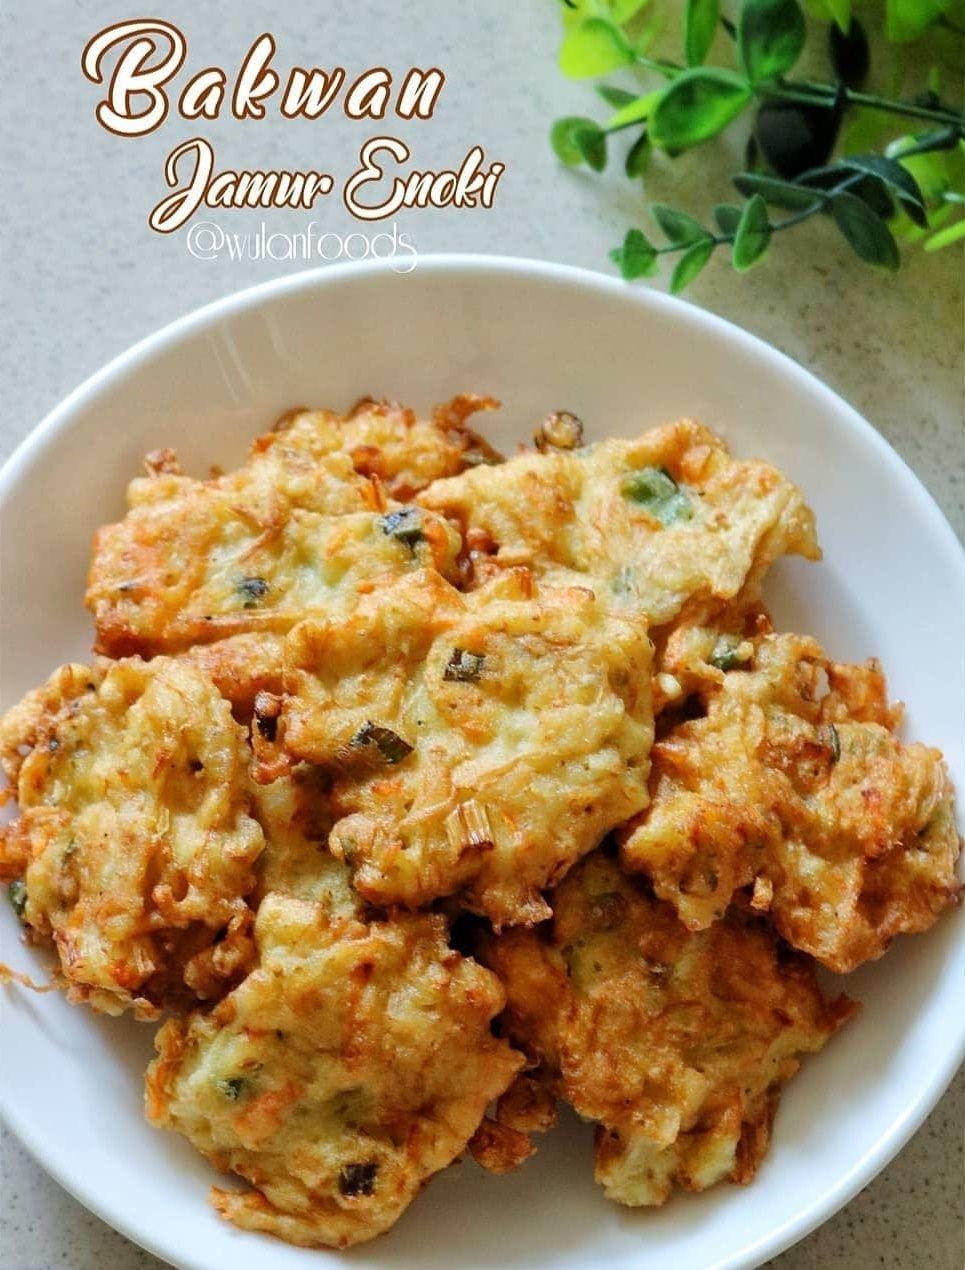 Resep Jamur Enoki Instagram Di 2020 Resep Masakan Resep Makanan Dan Minuman